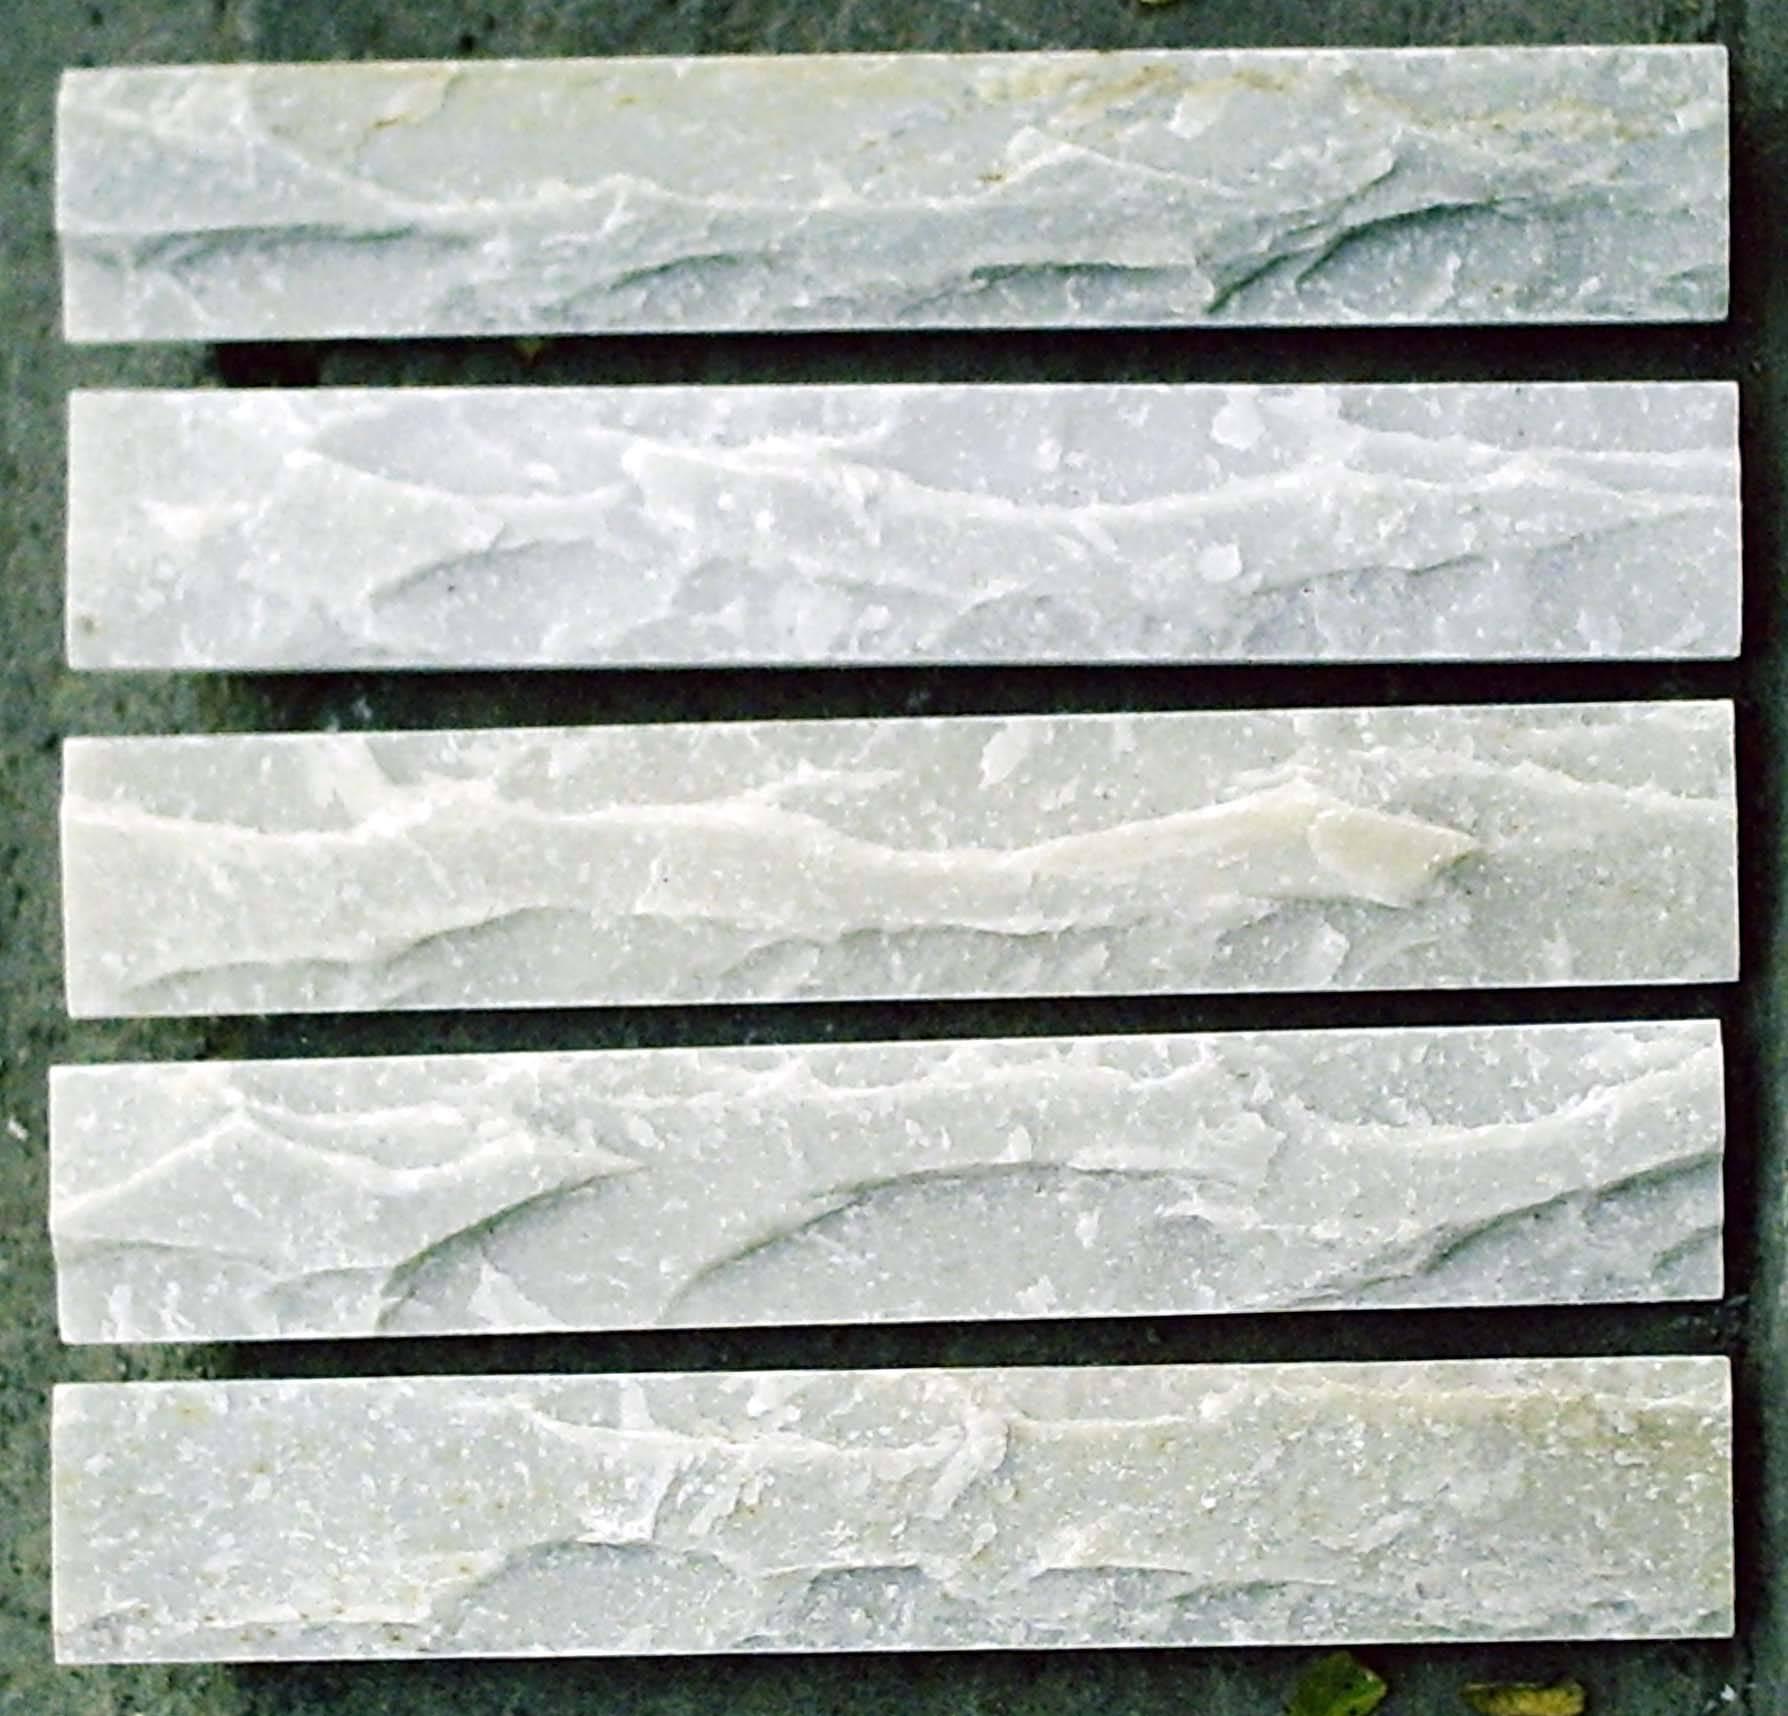 文化石 - 板岩文化石